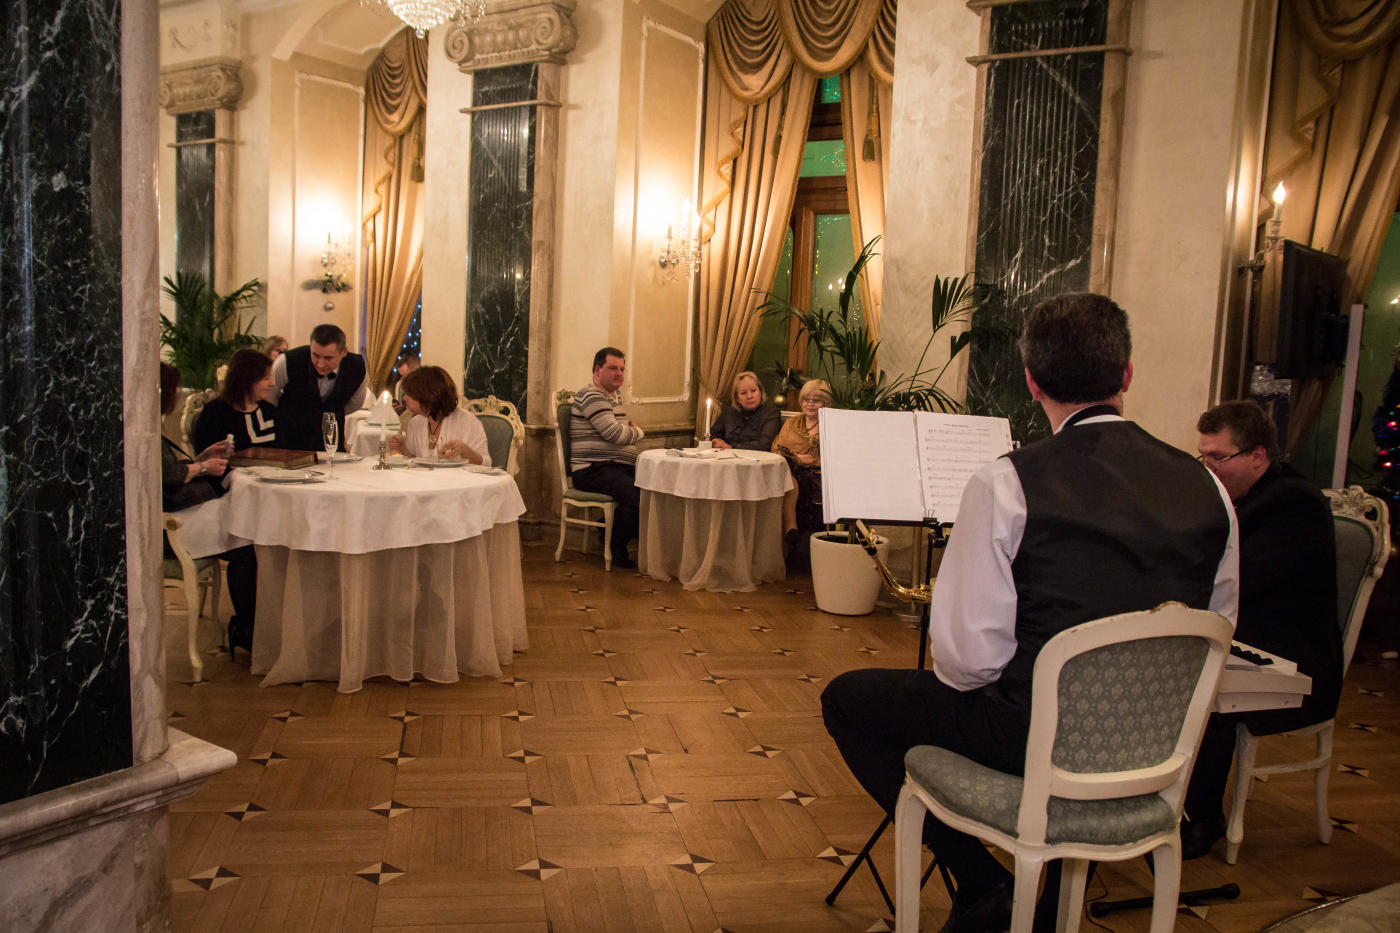 Ресторан Ривьера (Riviere) фото 53